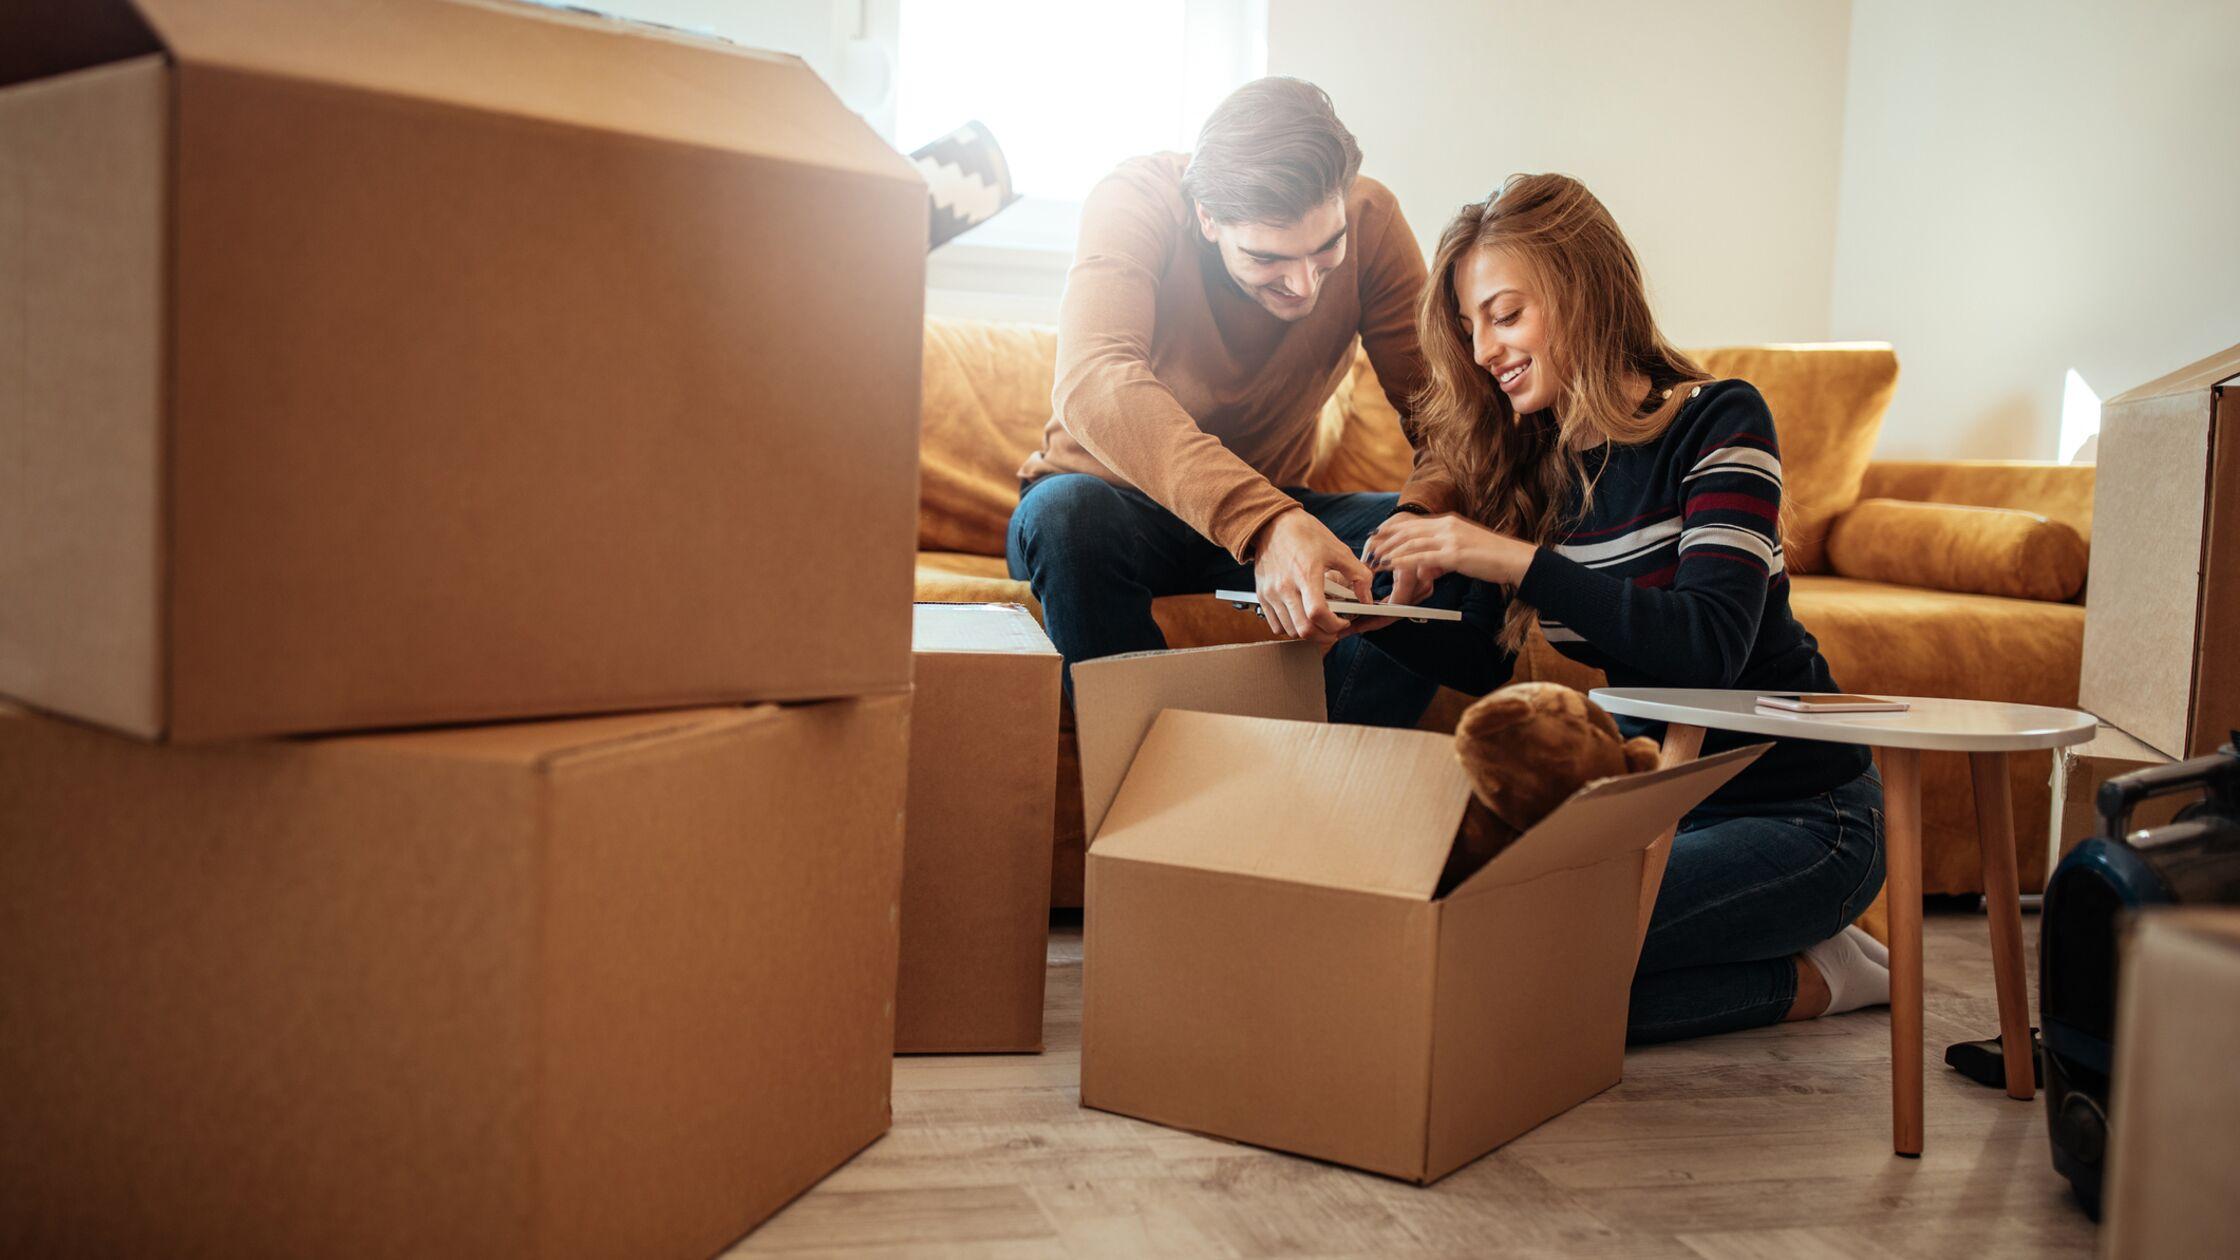 Der Hygge -Trend aus Dänemark macht das Wohnen gemütlicher. Mit diesen fünf Tricks können Sie gleich nach dem Umzug in Ihrer neuen Wohnung entspannen.